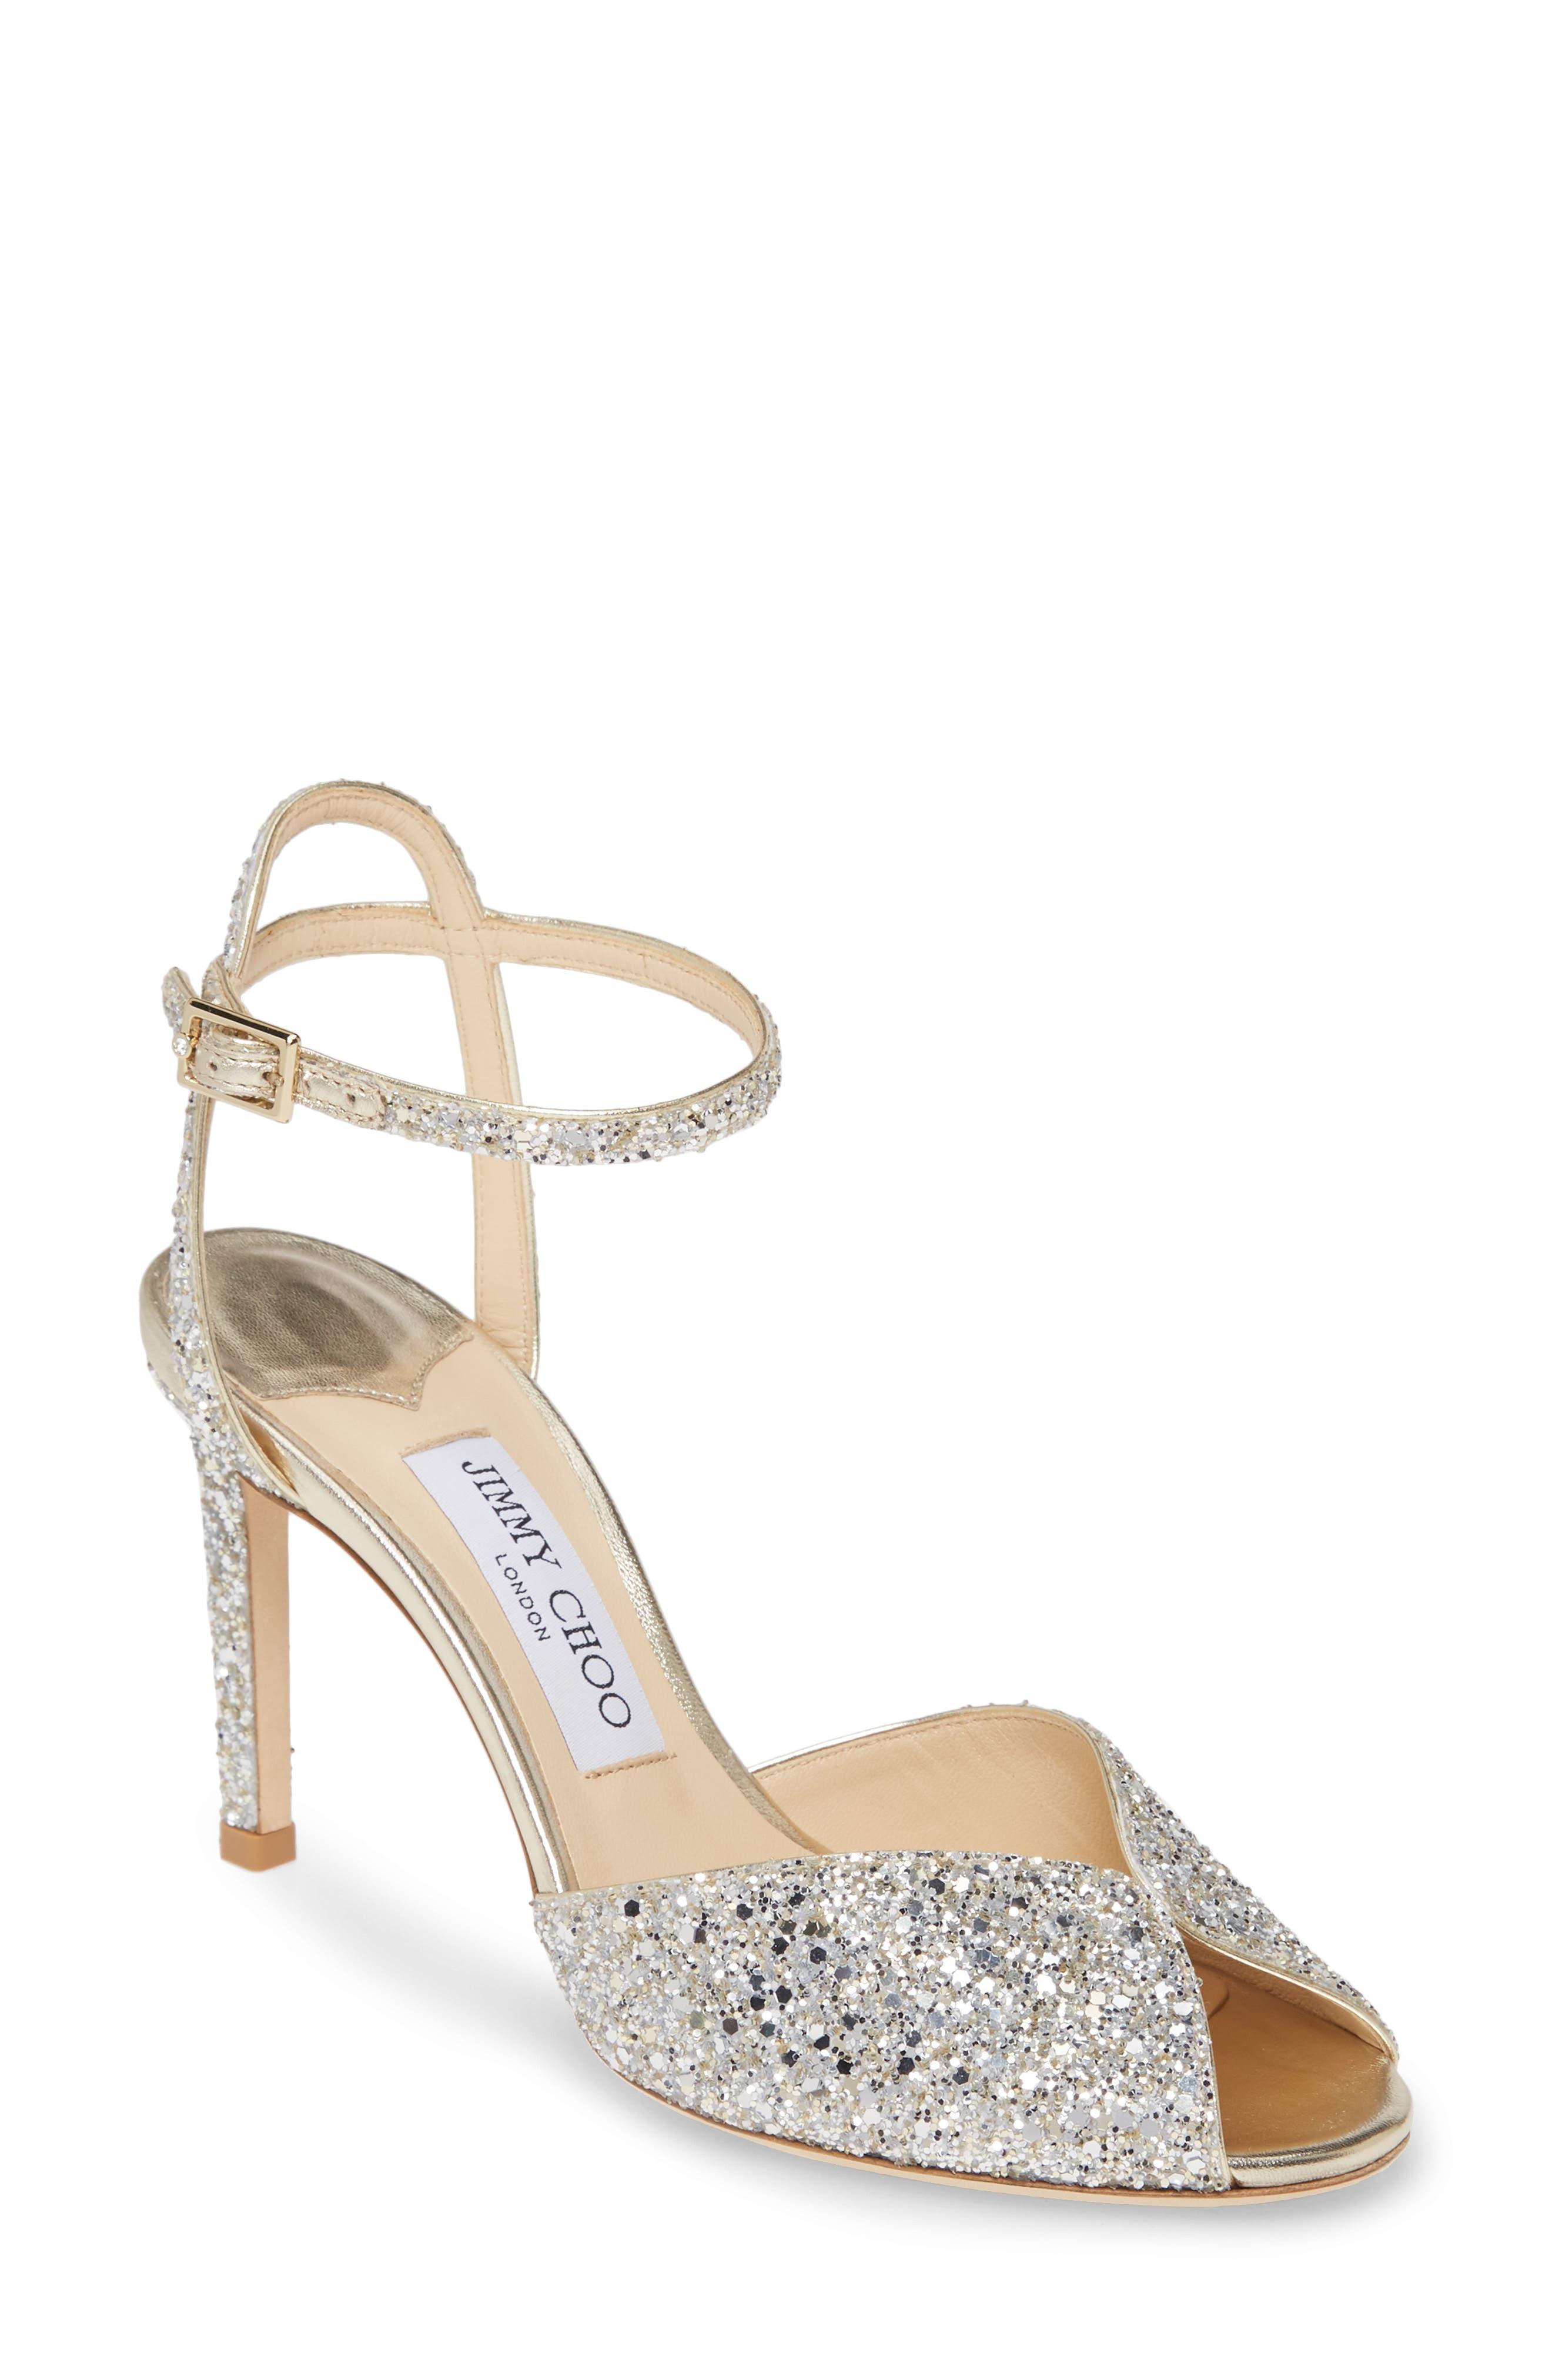 jimmy choo ladies shoes online